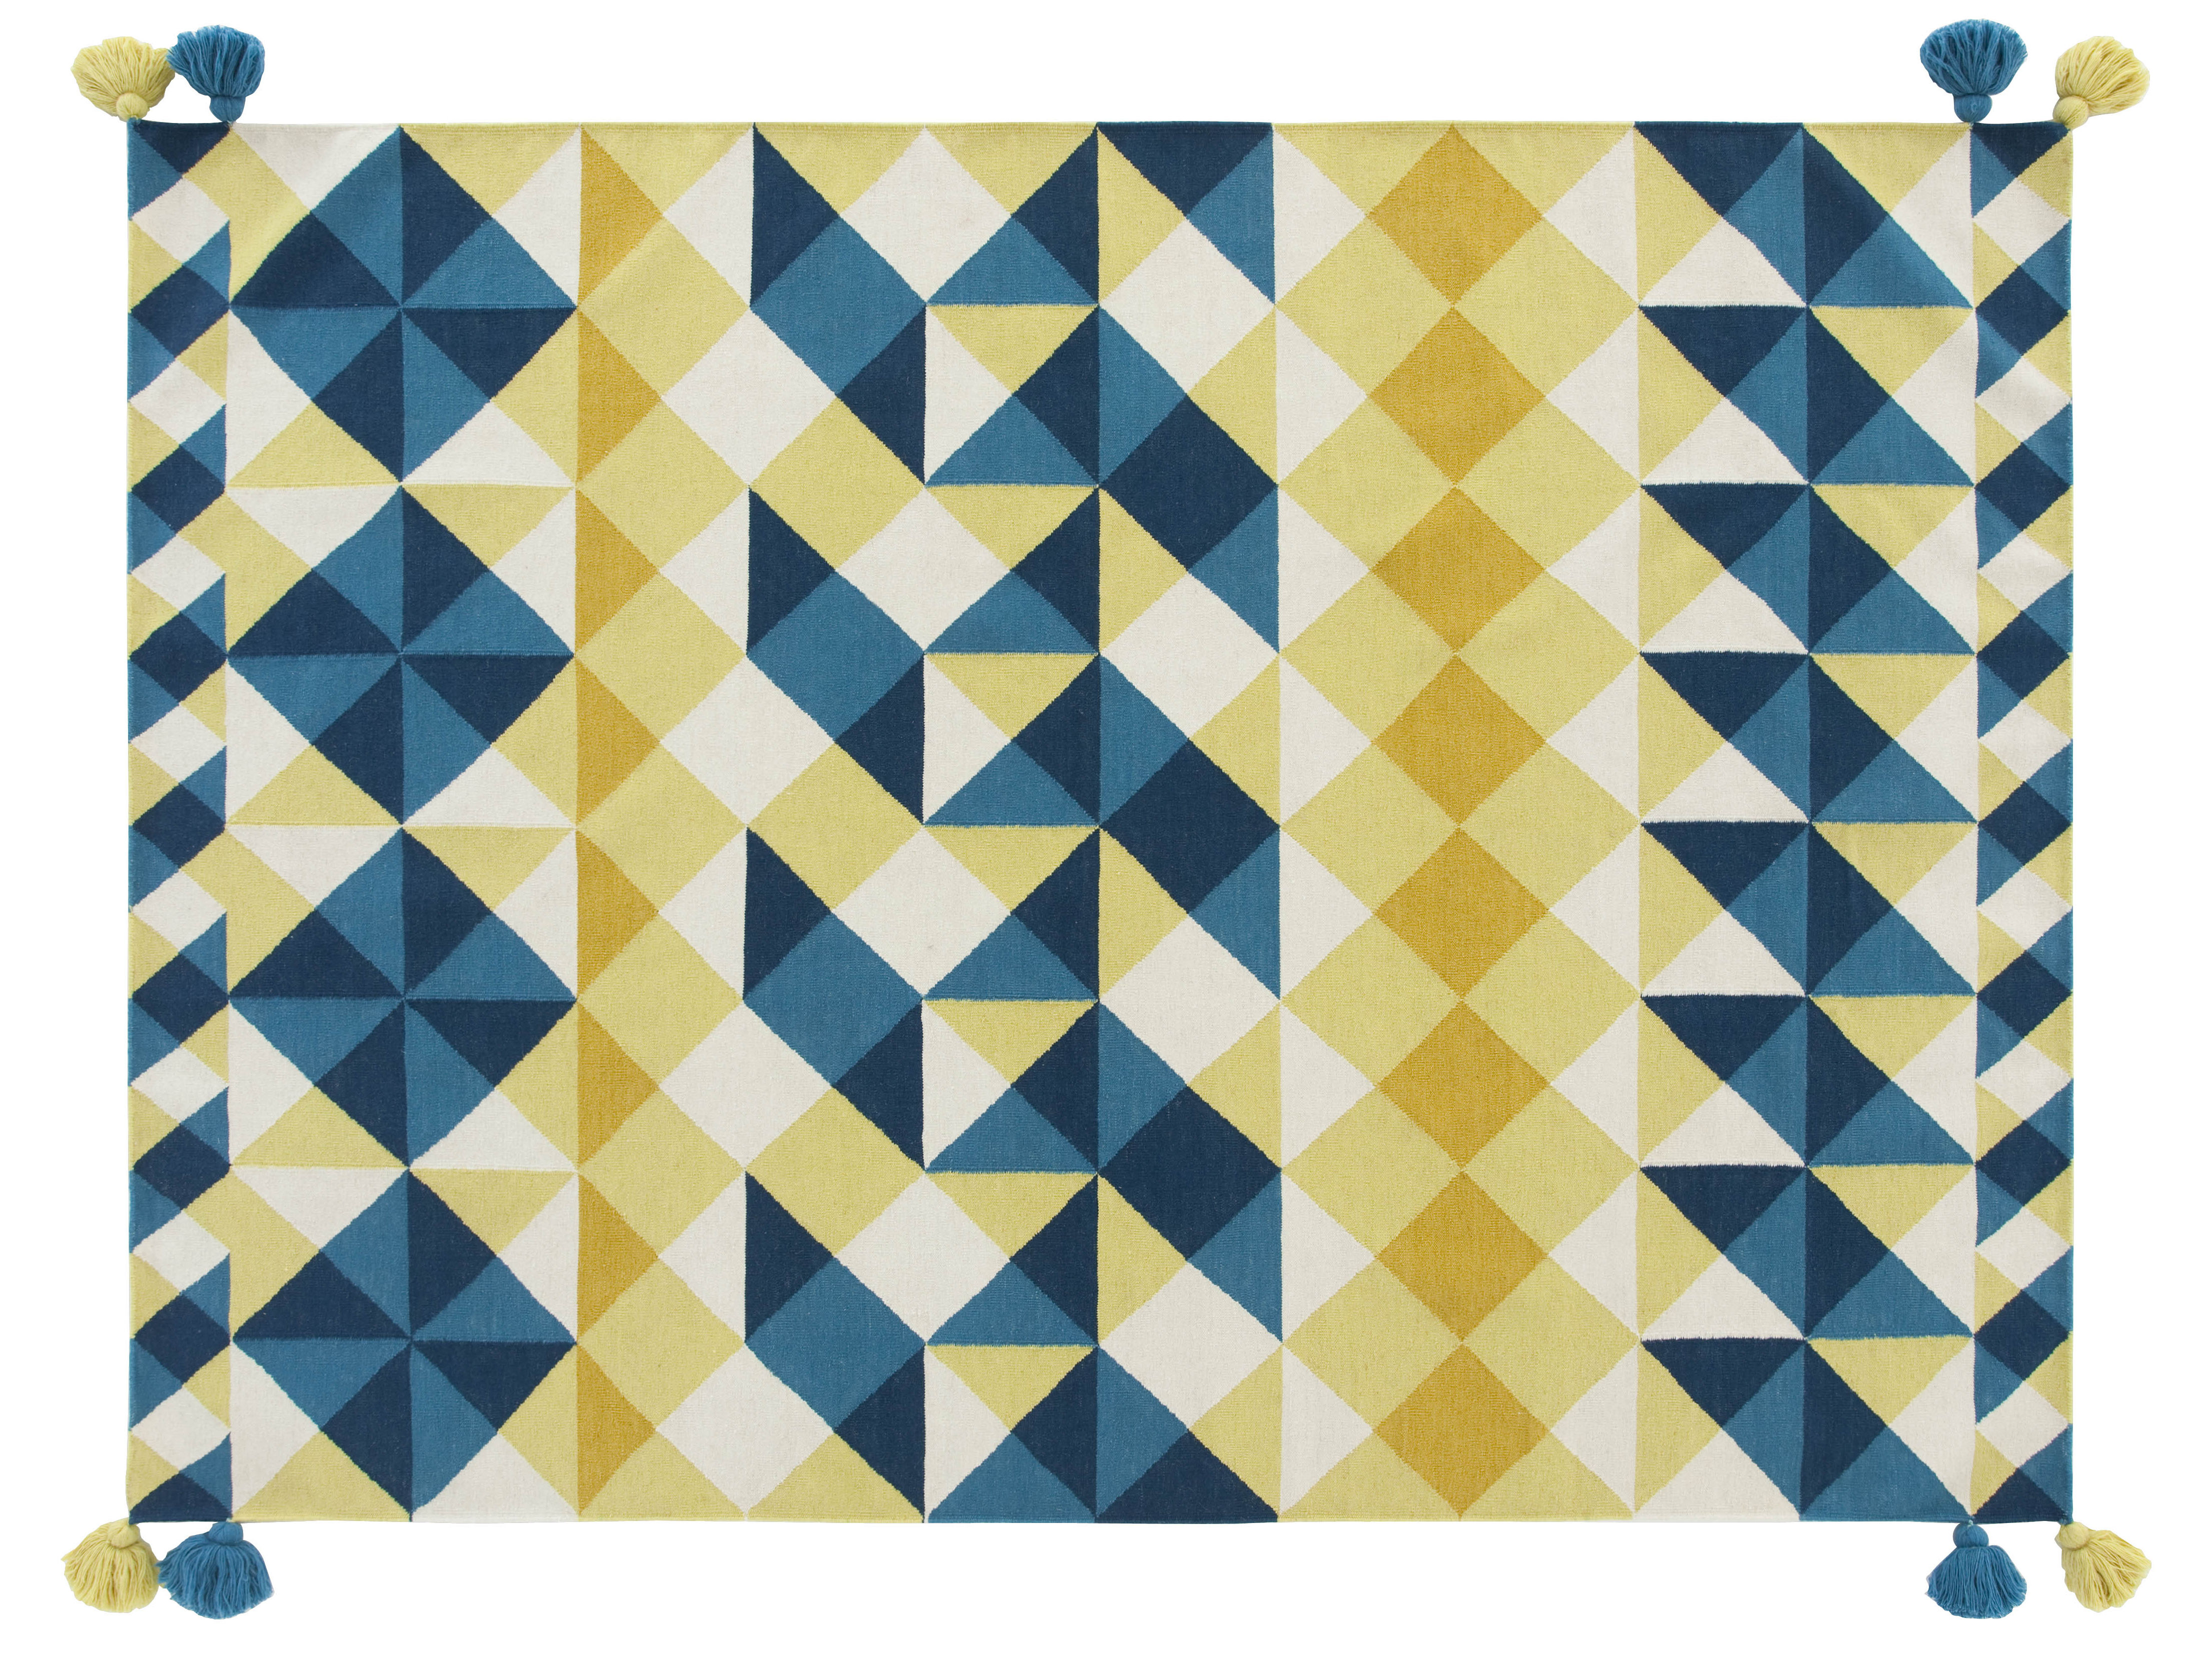 Decoration - Rugs - Kilim Mosaïek Rug - / 240 x 170 cm by Gan - Yellow - Virgin wool